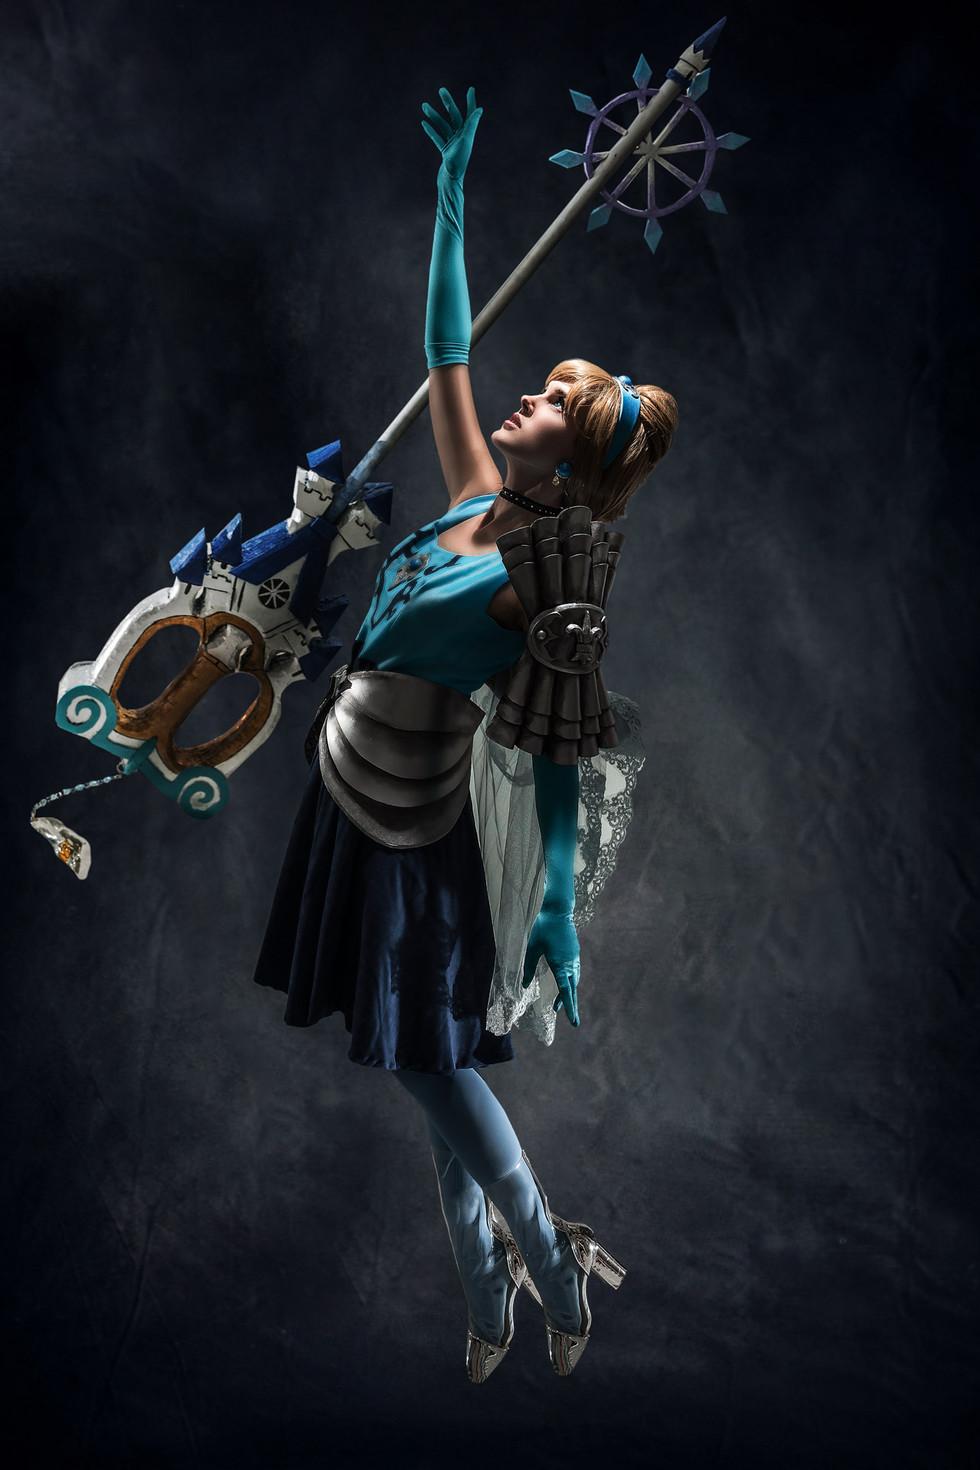 Sadie by Design Keyblade Cinderella